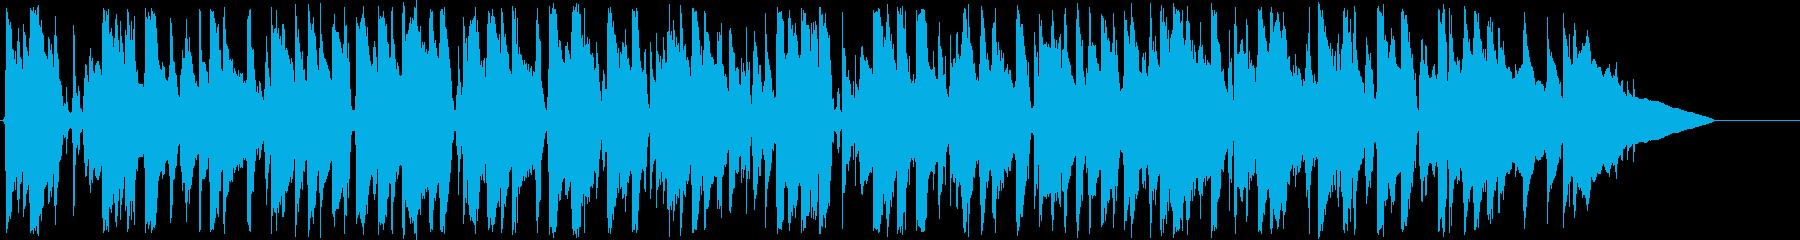 アコーステックアンサンブルの休日のひと時の再生済みの波形